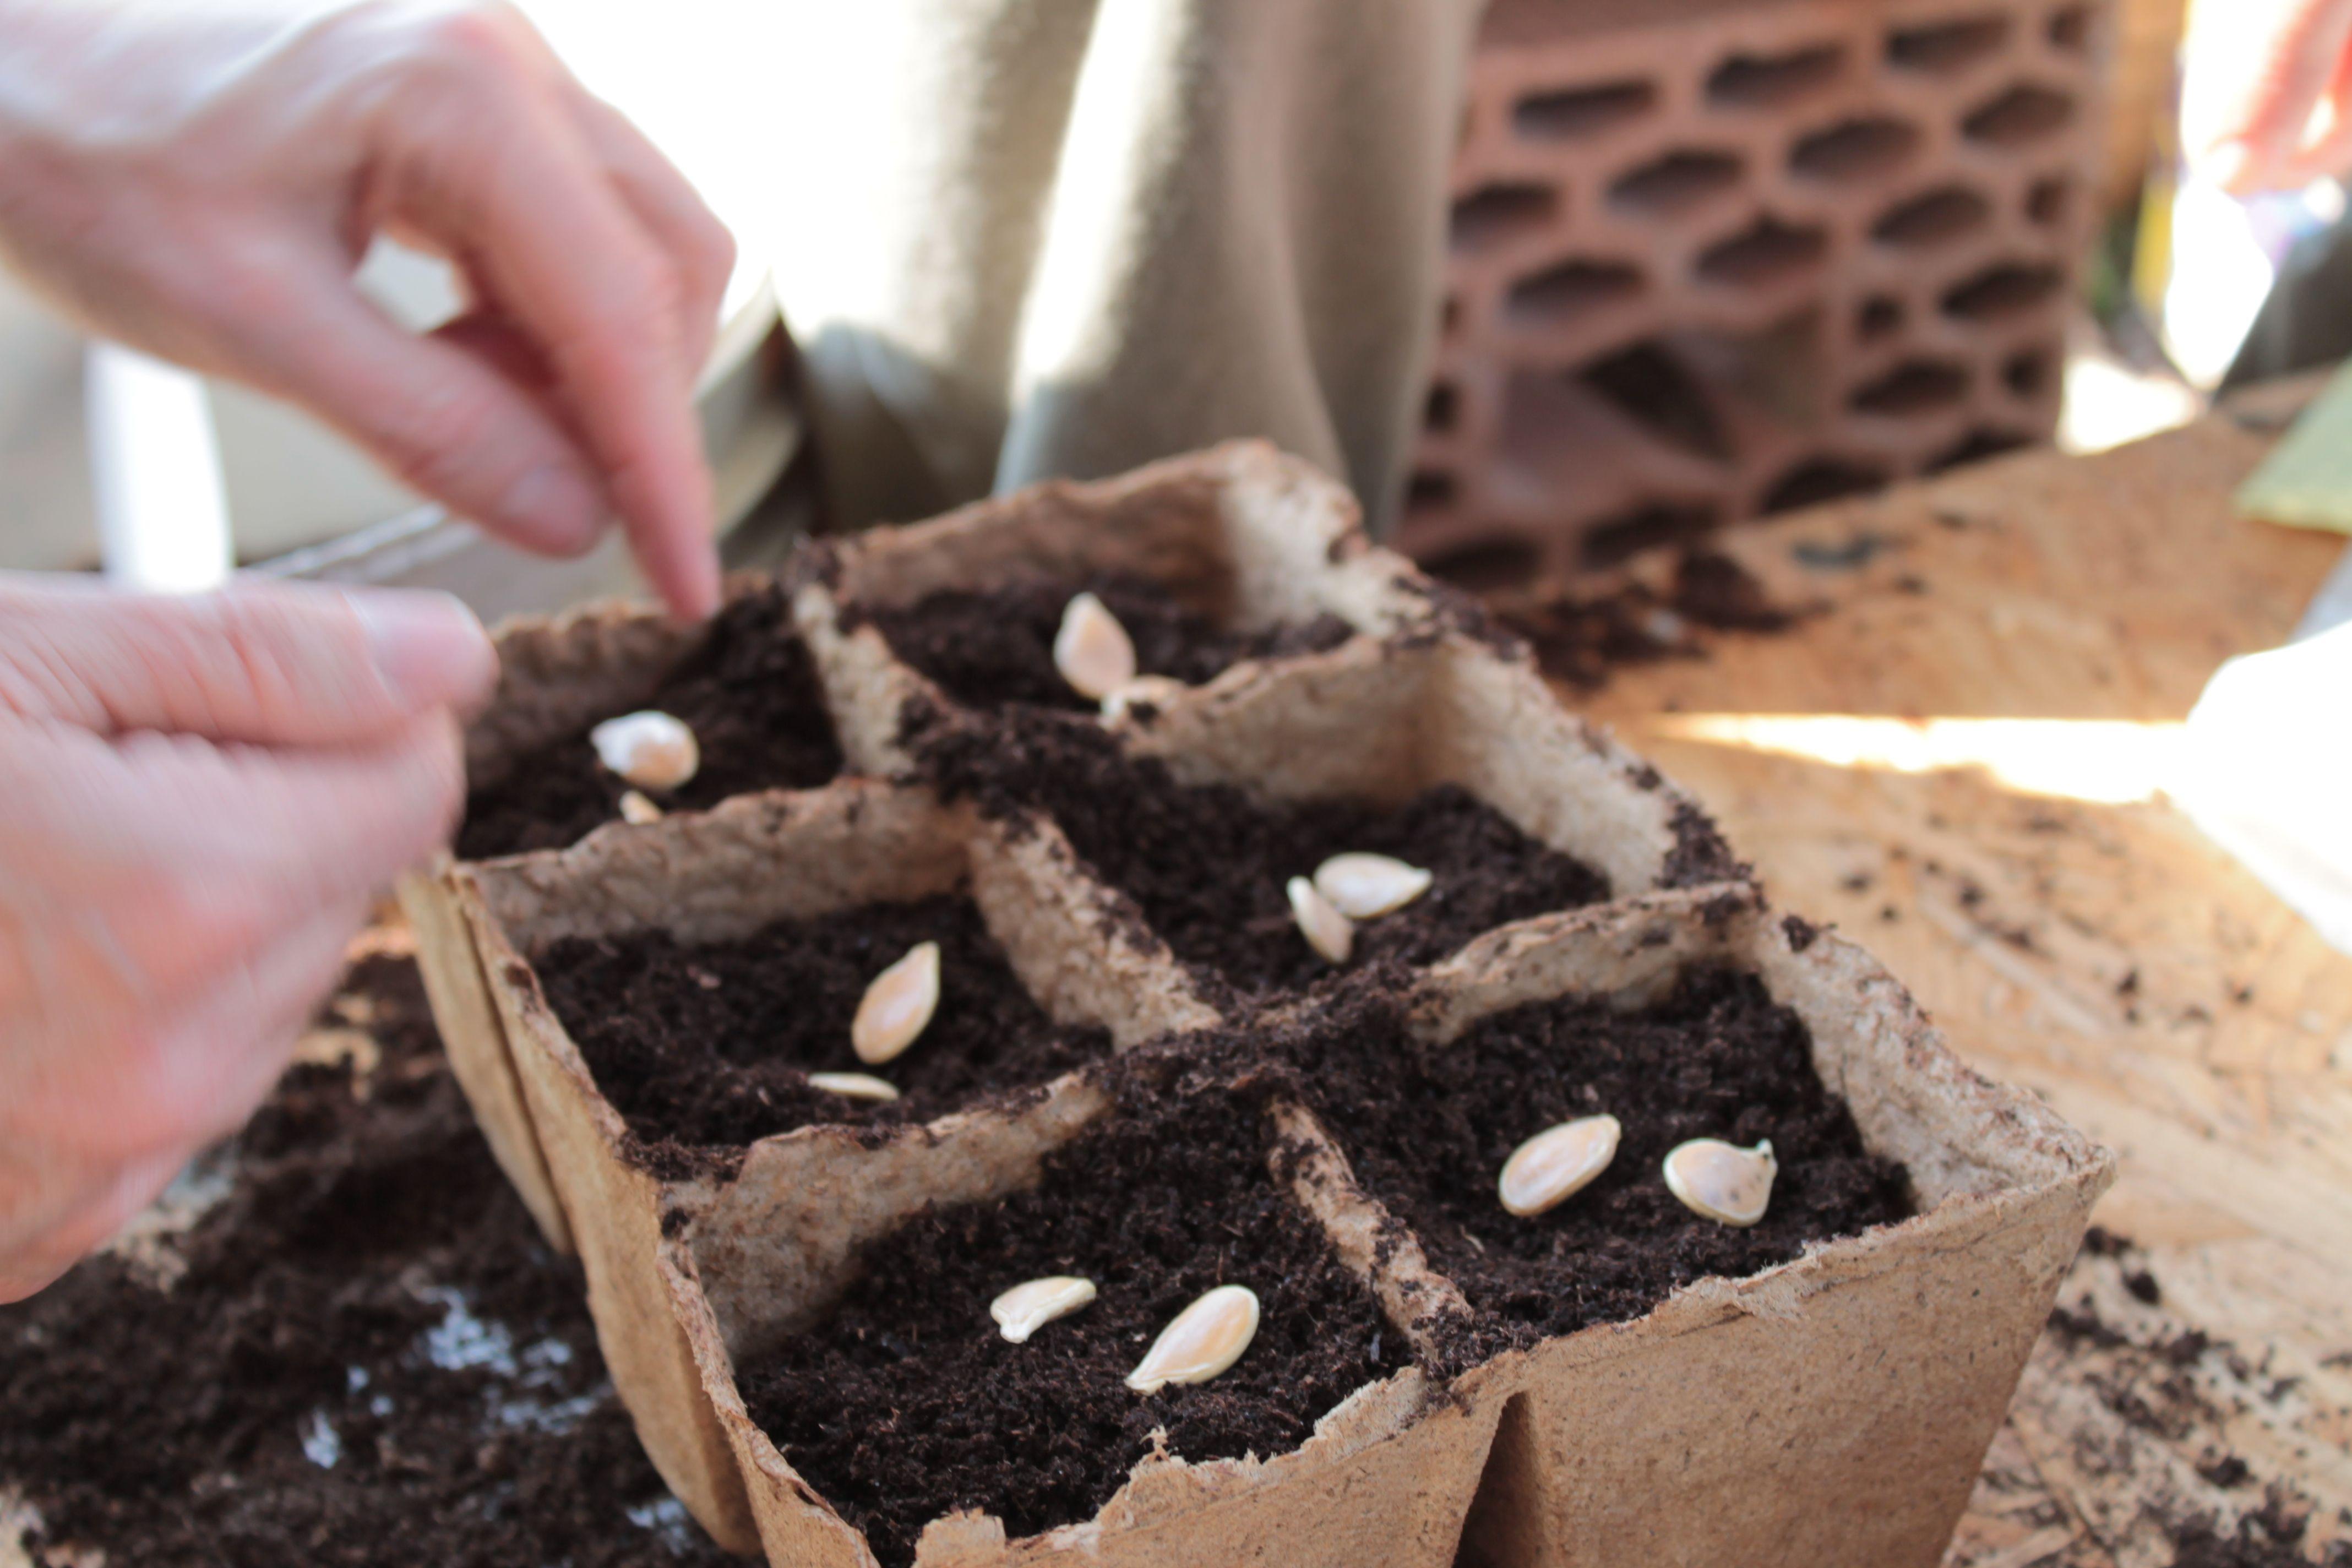 Chi getta un seme l'ha da coltivare se vuol vederlo a tempo vegetare! #proverbi #orto #giardino